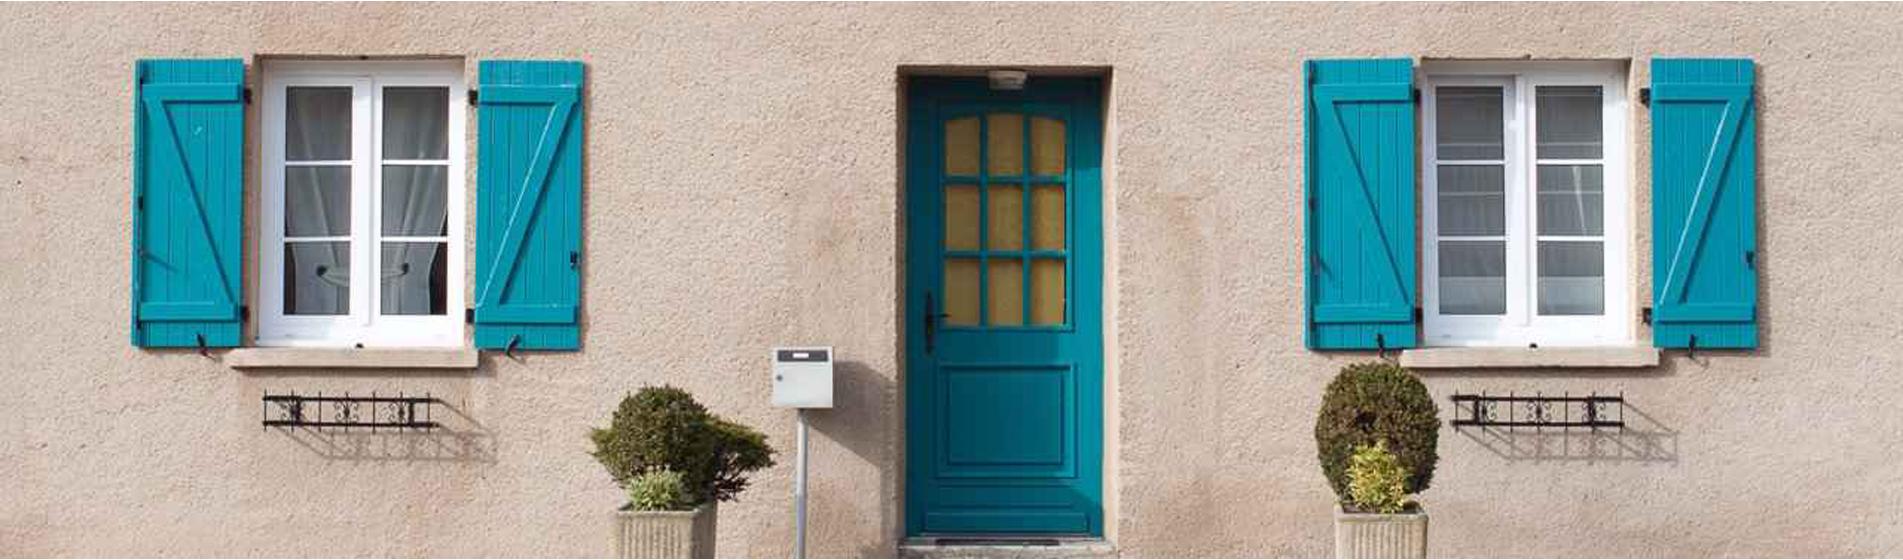 installer porte d'entrée pvc 84 Vaucluse